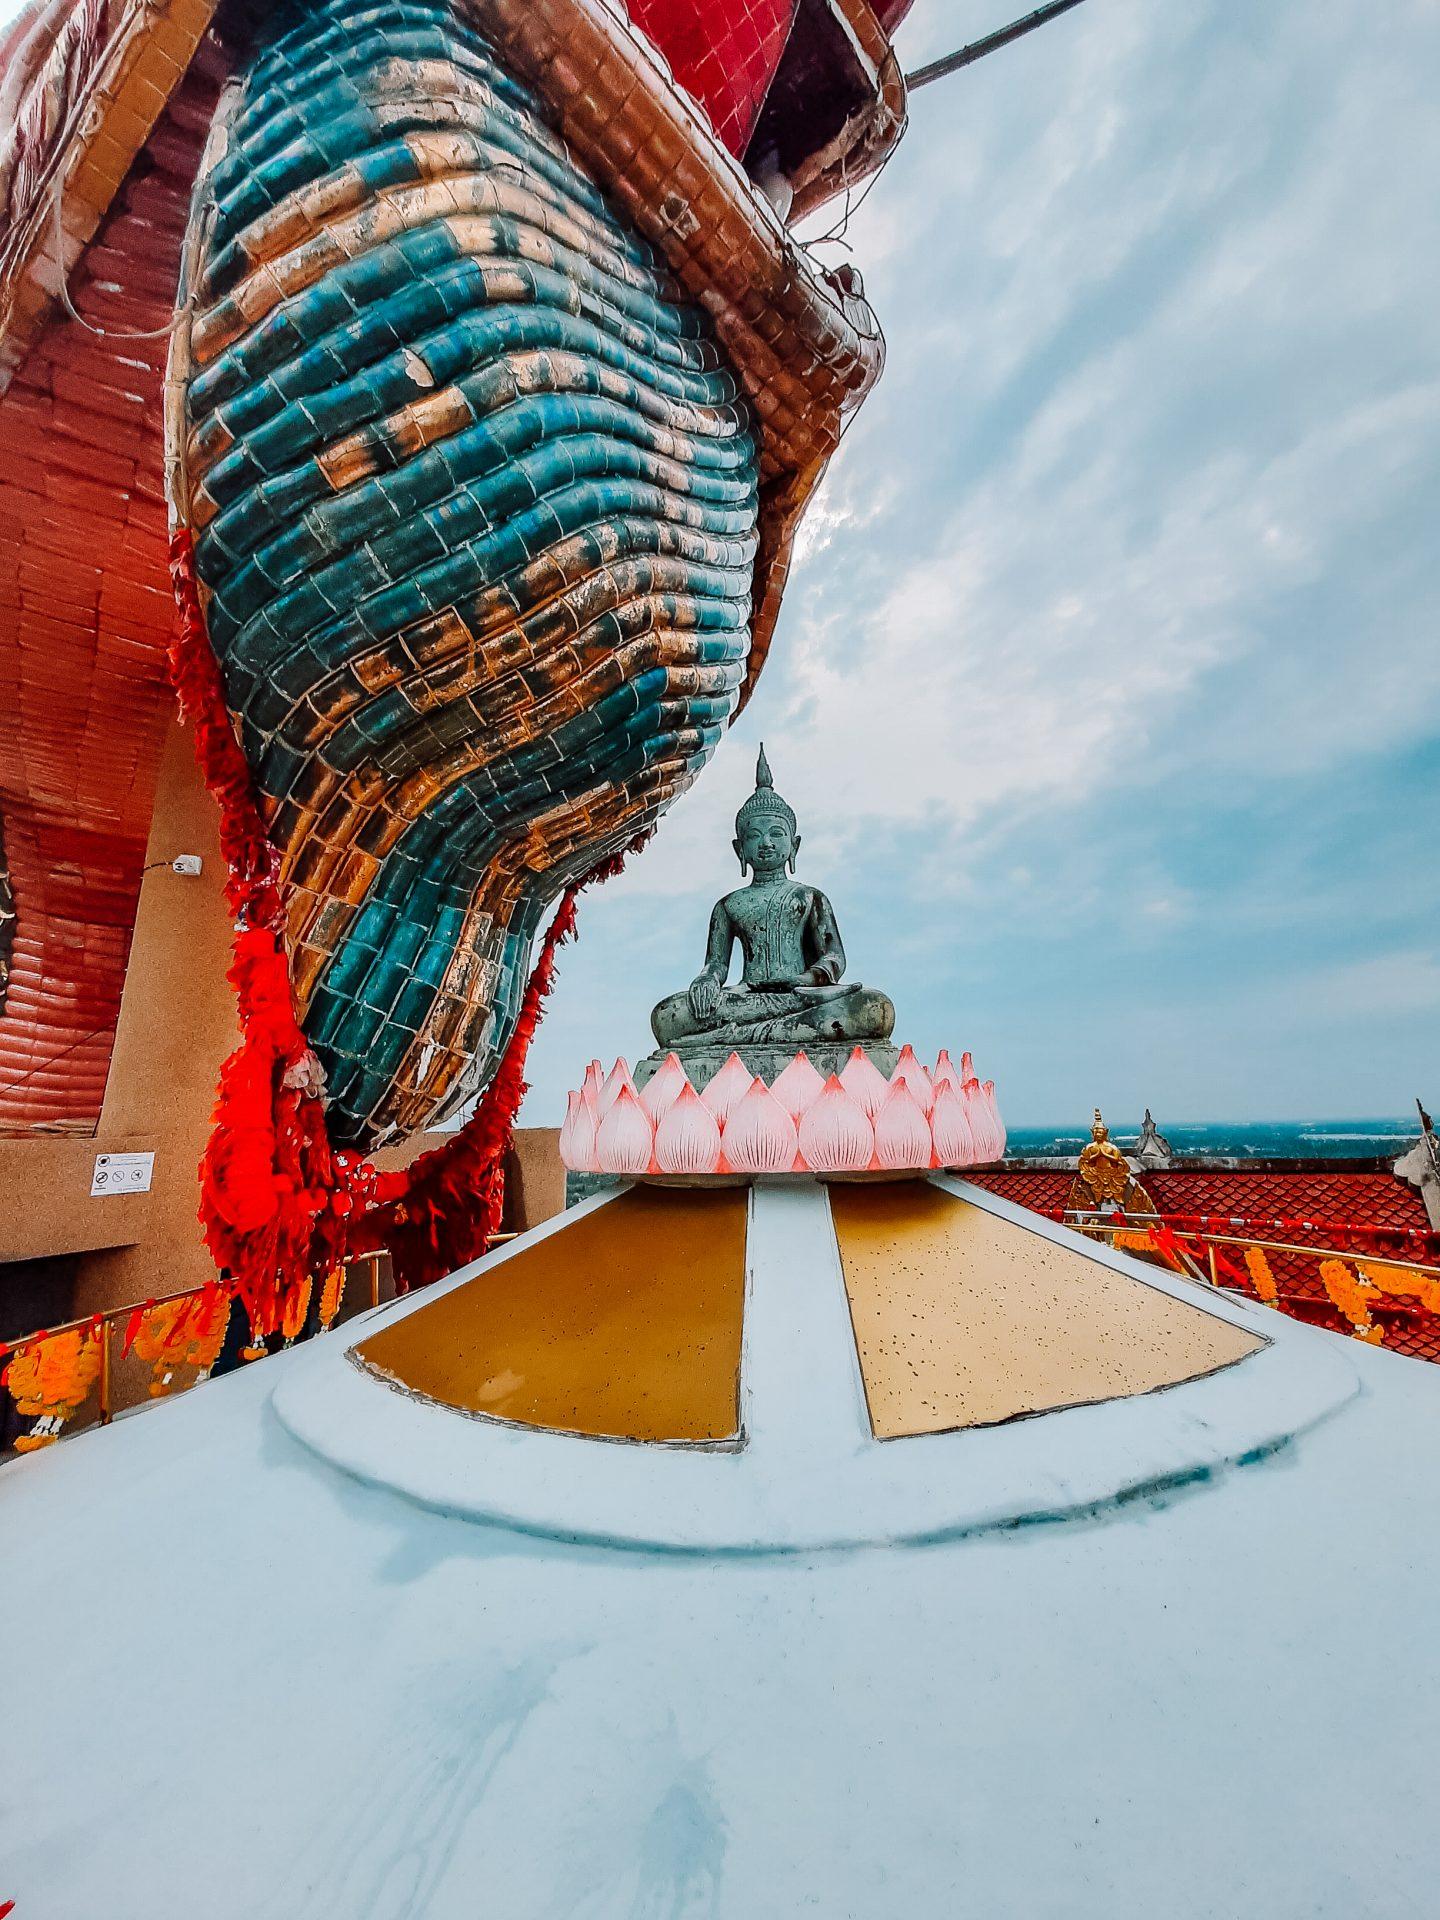 Viewpoint from Wat Samphran